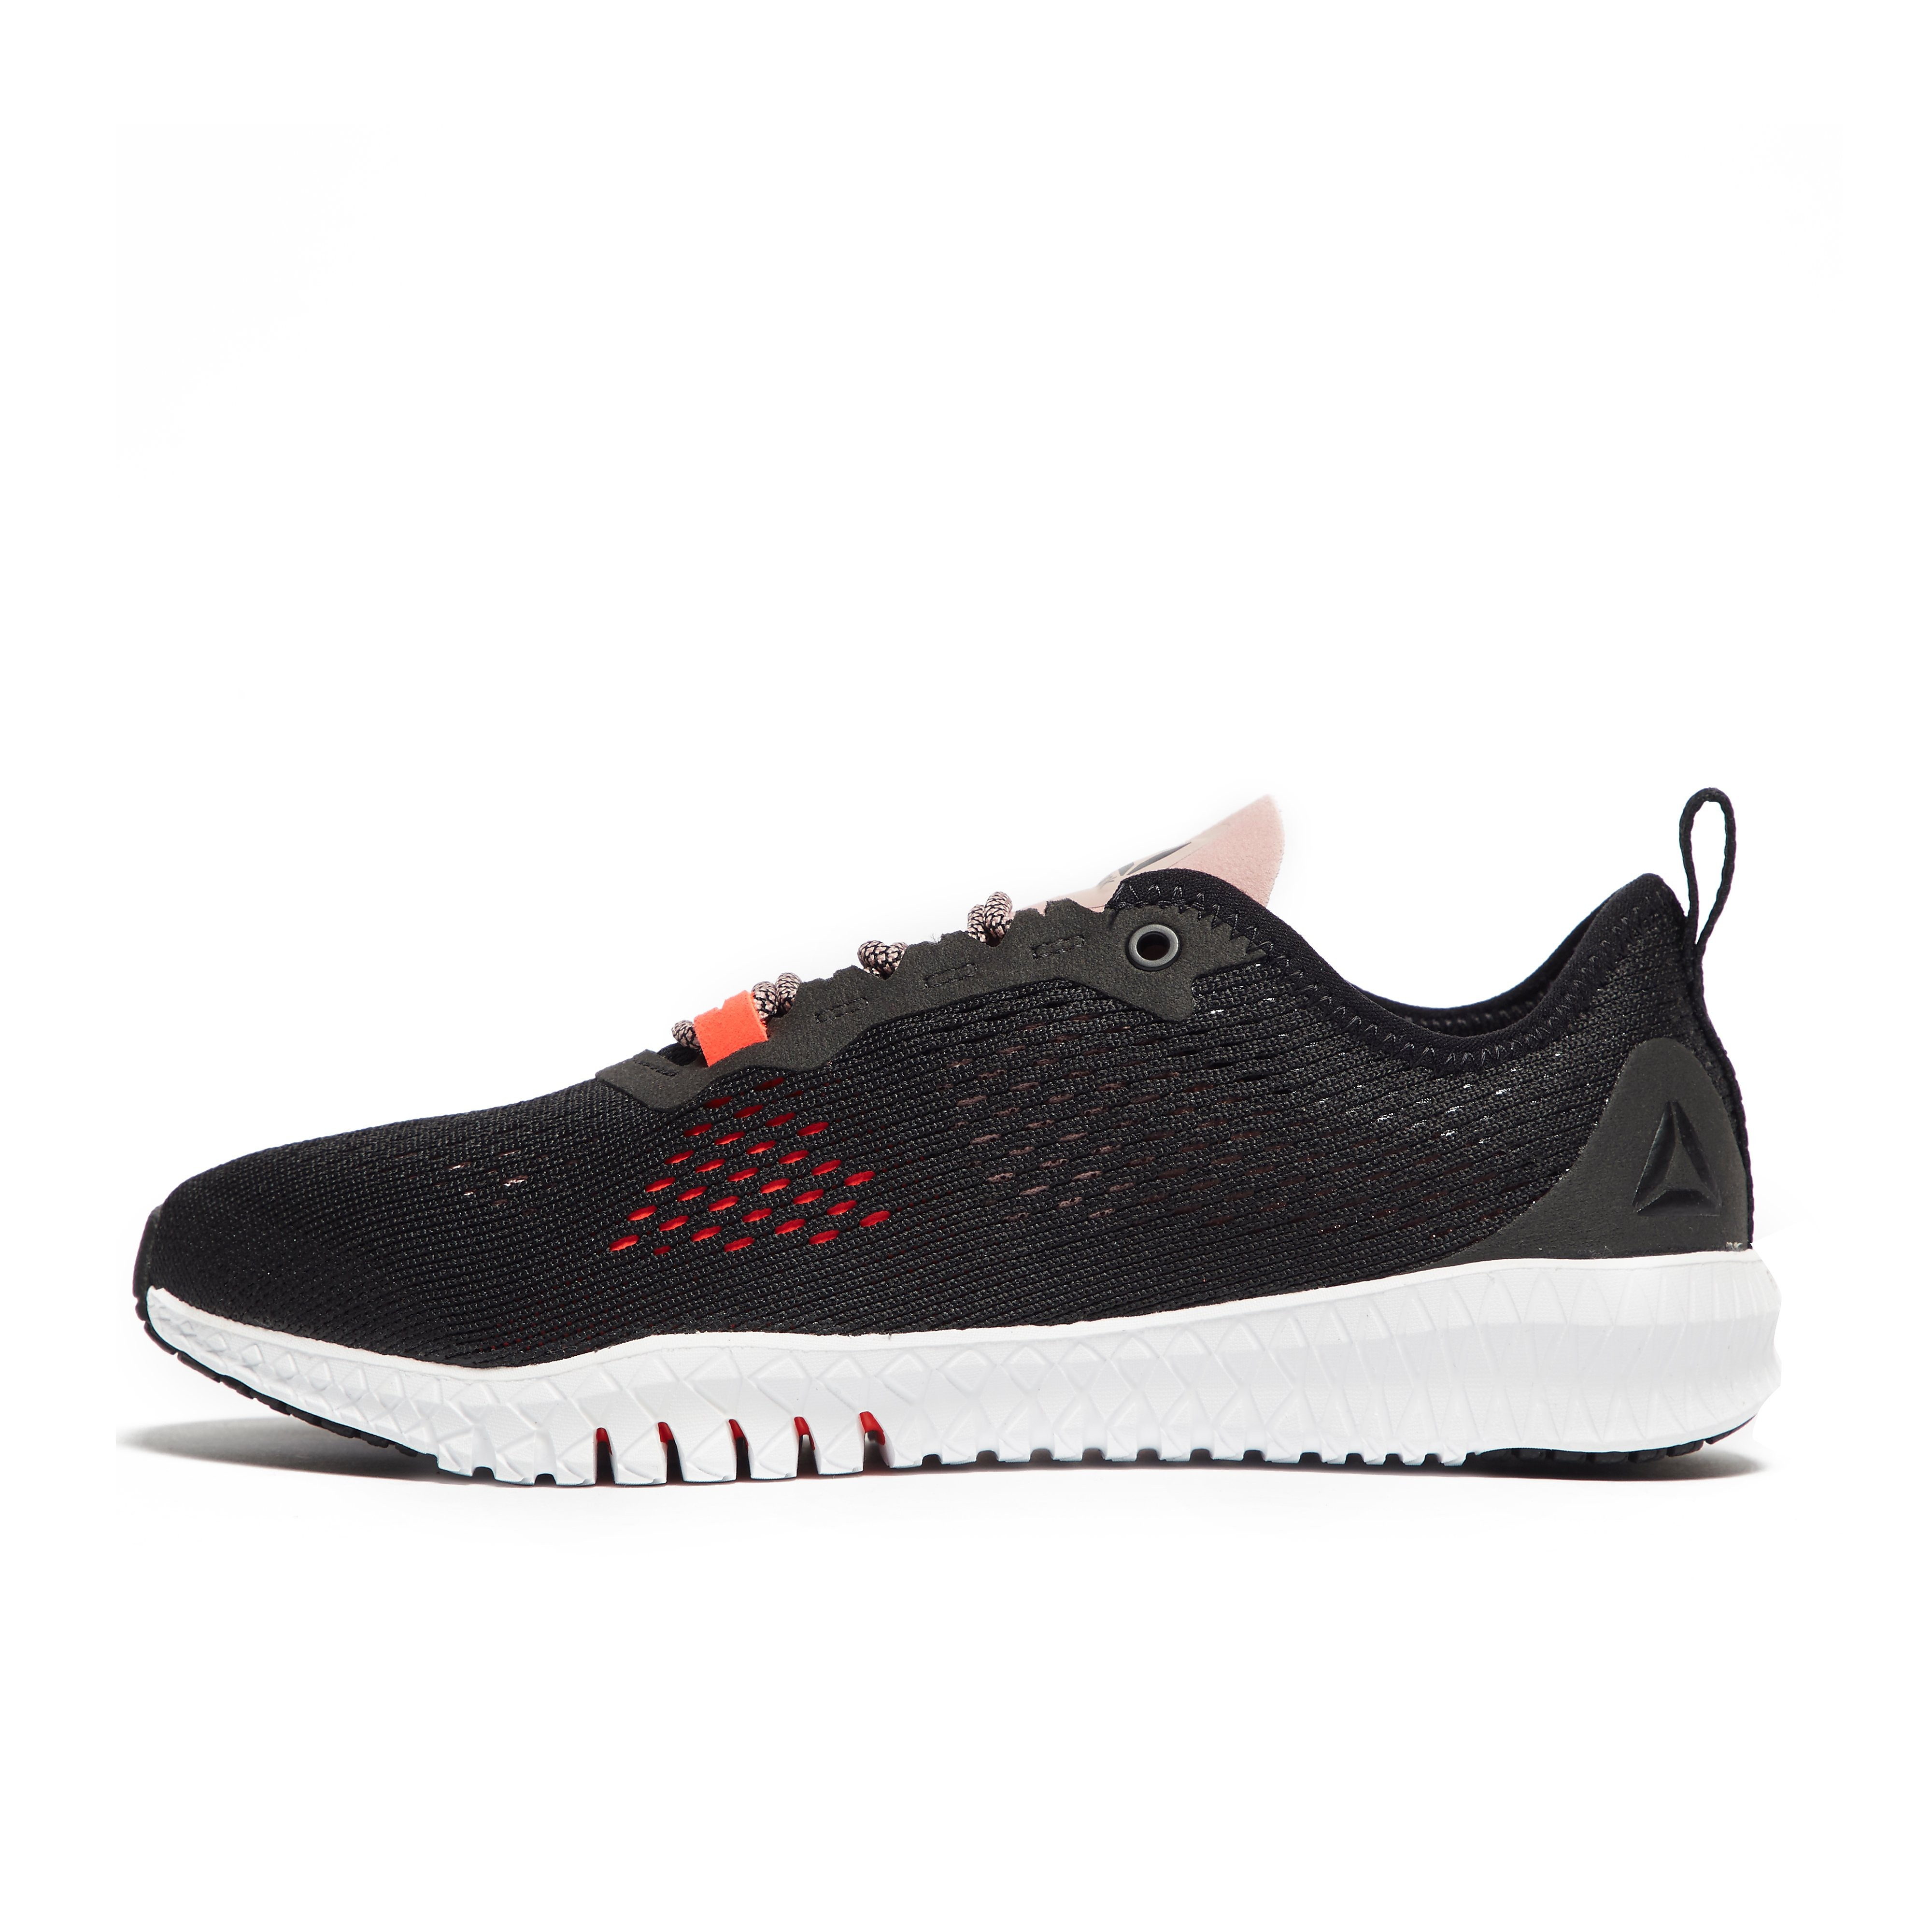 Womens Black Reebok Flexagon Training Shoes